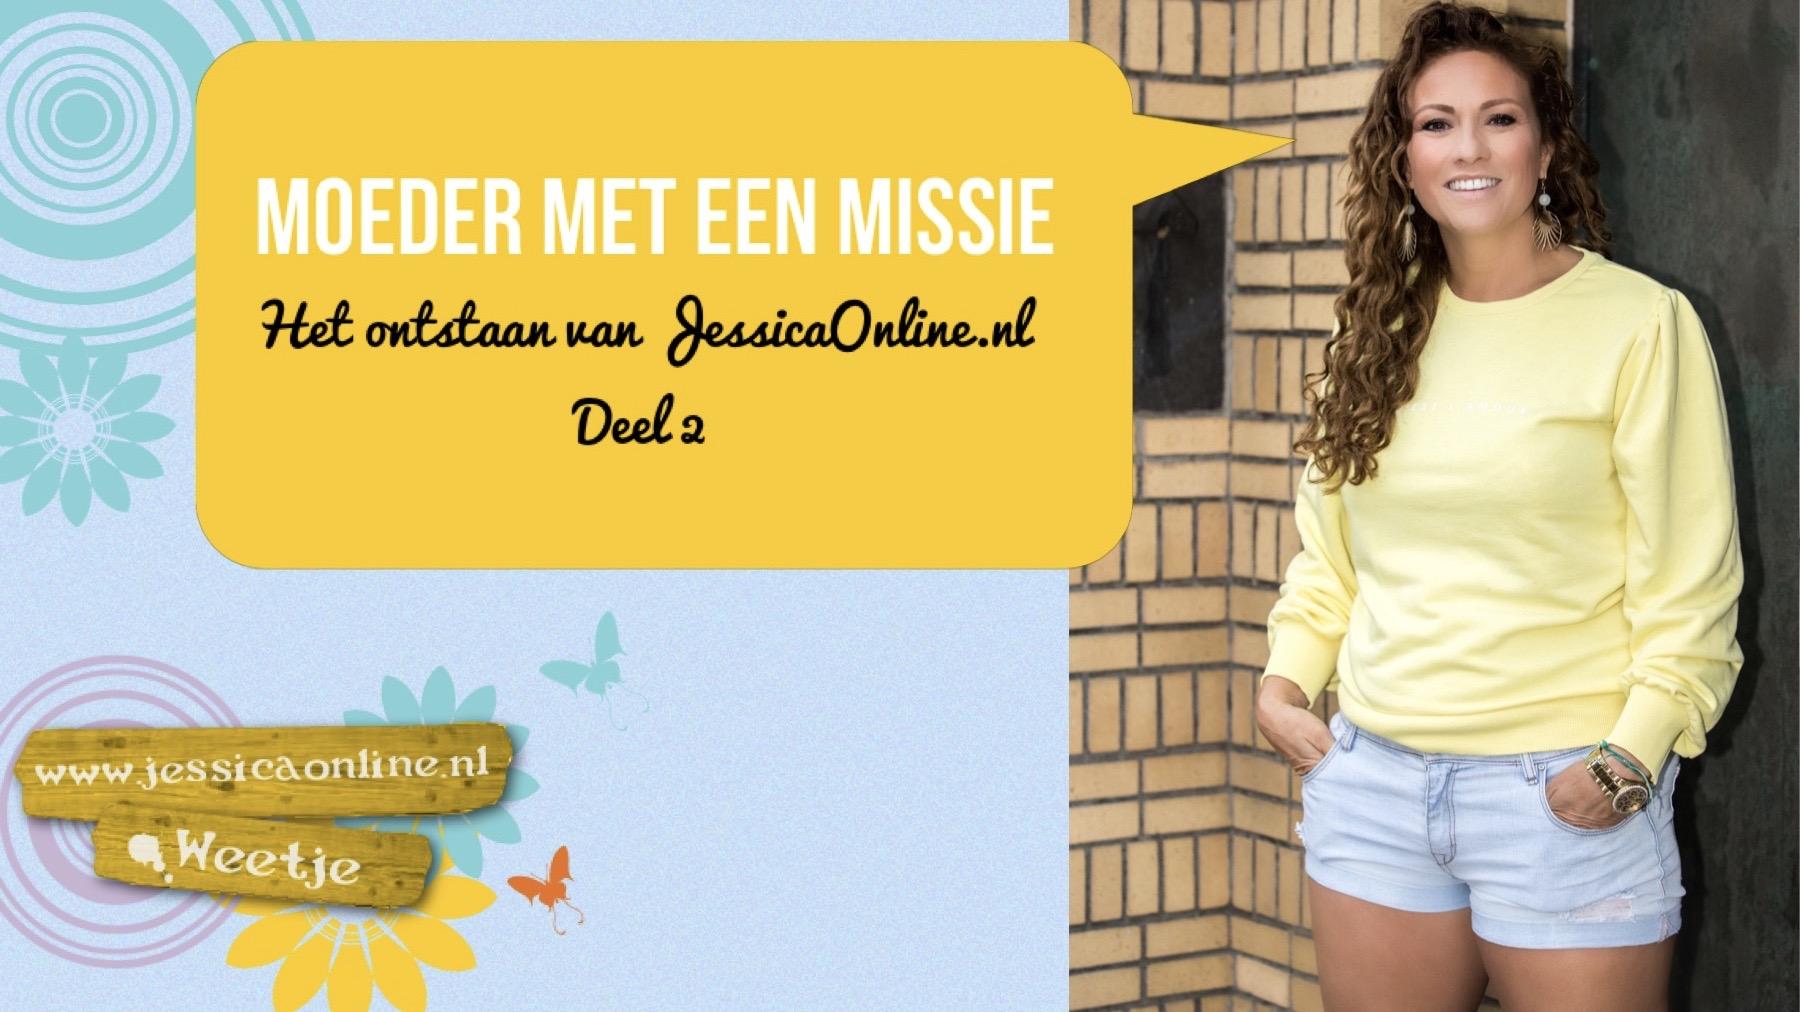 het ontstaan JessicaOnline.nl